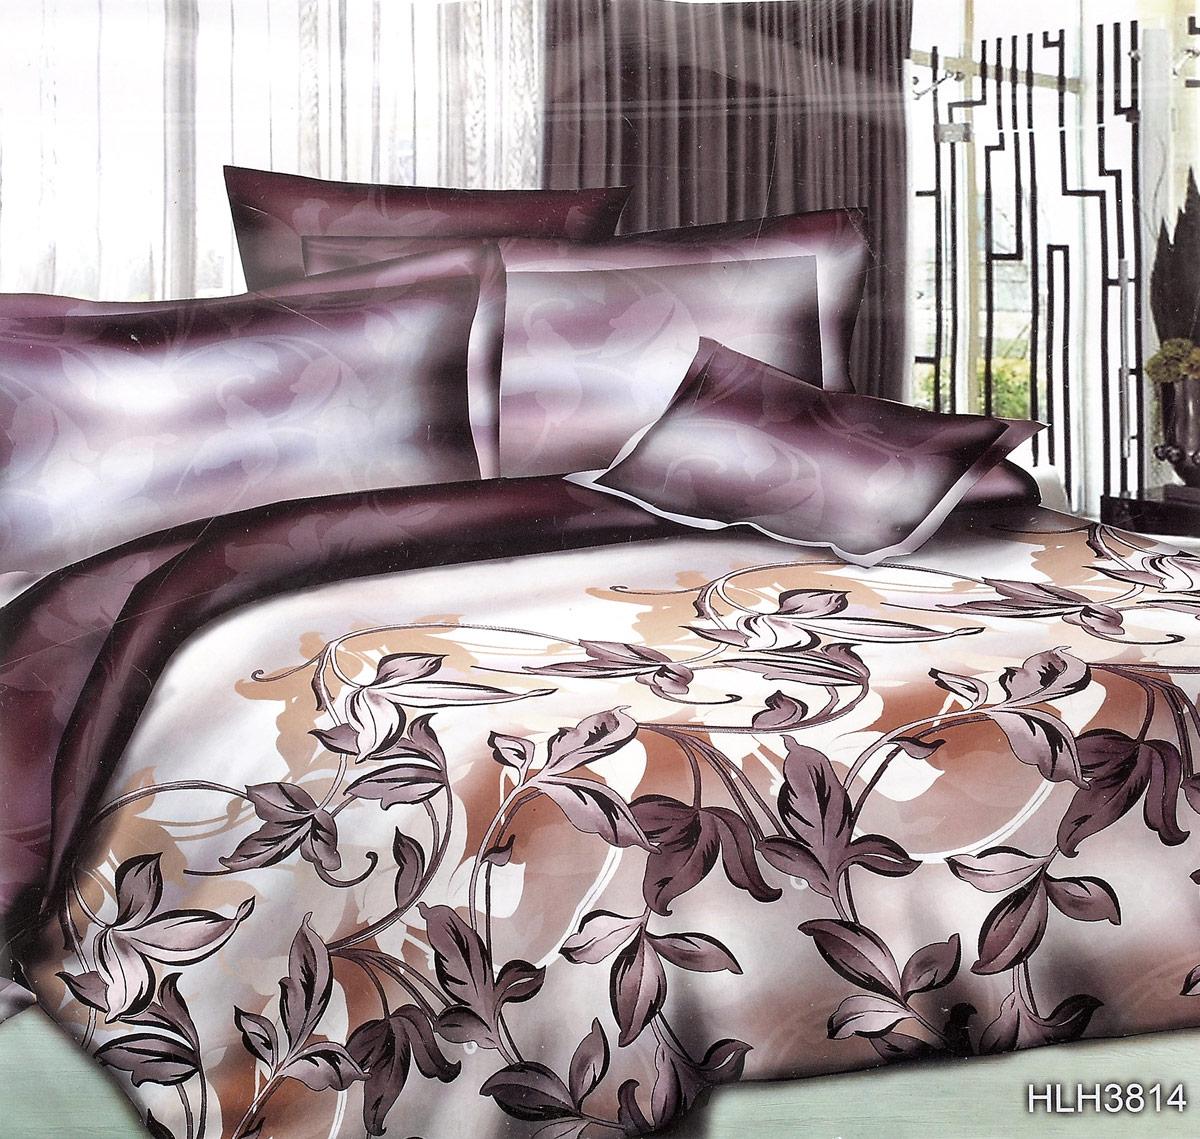 Комплект белья ЭГО Шанталь, 1,5-спальный, наволочки 70x70S03301004Комплект белья ЭГО Шанталь выполнен из полисатина (50% хлопка, 50% полиэстера). Комплект состоит из пододеяльника, простыни и двух наволочек. Постельное белье имеет изысканный внешний вид и яркую цветовую гамму. Гладкая структура делает ткань приятной на ощупь, мягкой и нежной, при этом она прочная и хорошо сохраняет форму. Ткань легко гладится, не линяет и не садится. Приобретая комплект постельного белья ЭГО Шанталь, вы можете быть уверенны в том, что покупка доставит вам и вашим близким удовольствие и подарит максимальный комфорт.